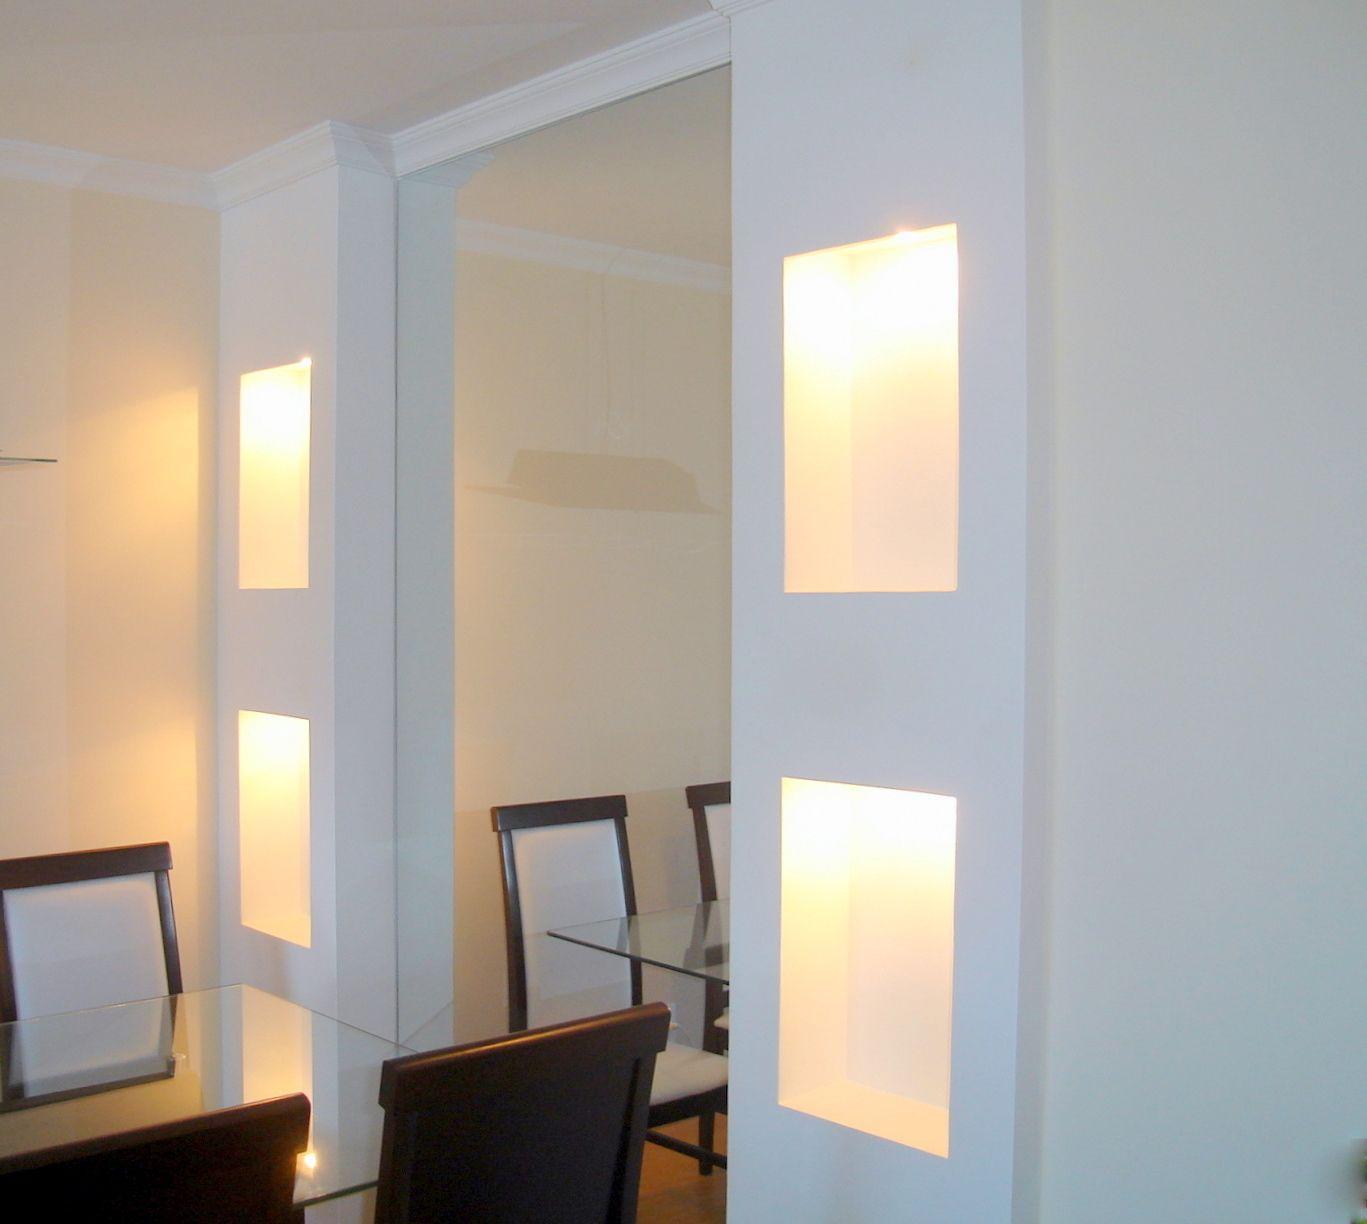 Coluna Com Gesso Iluminado Ap Gesso Pinterest Gesso Colunas E  -> Acabamento Gesso Sala